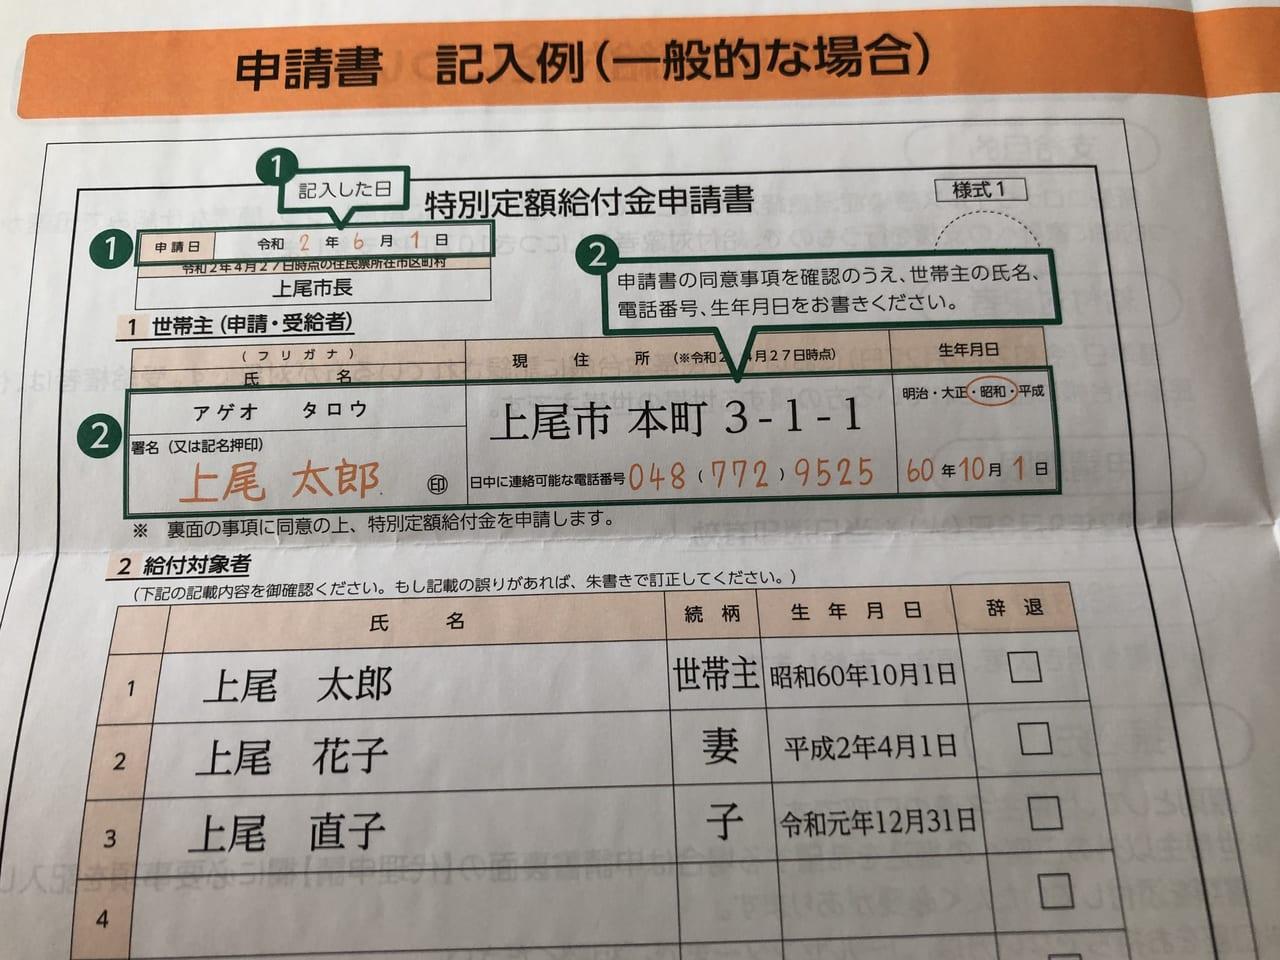 海老名 市 給付 金 神奈川県(補助金・助成金・融資情報) 新型コロナウィルス関連情報